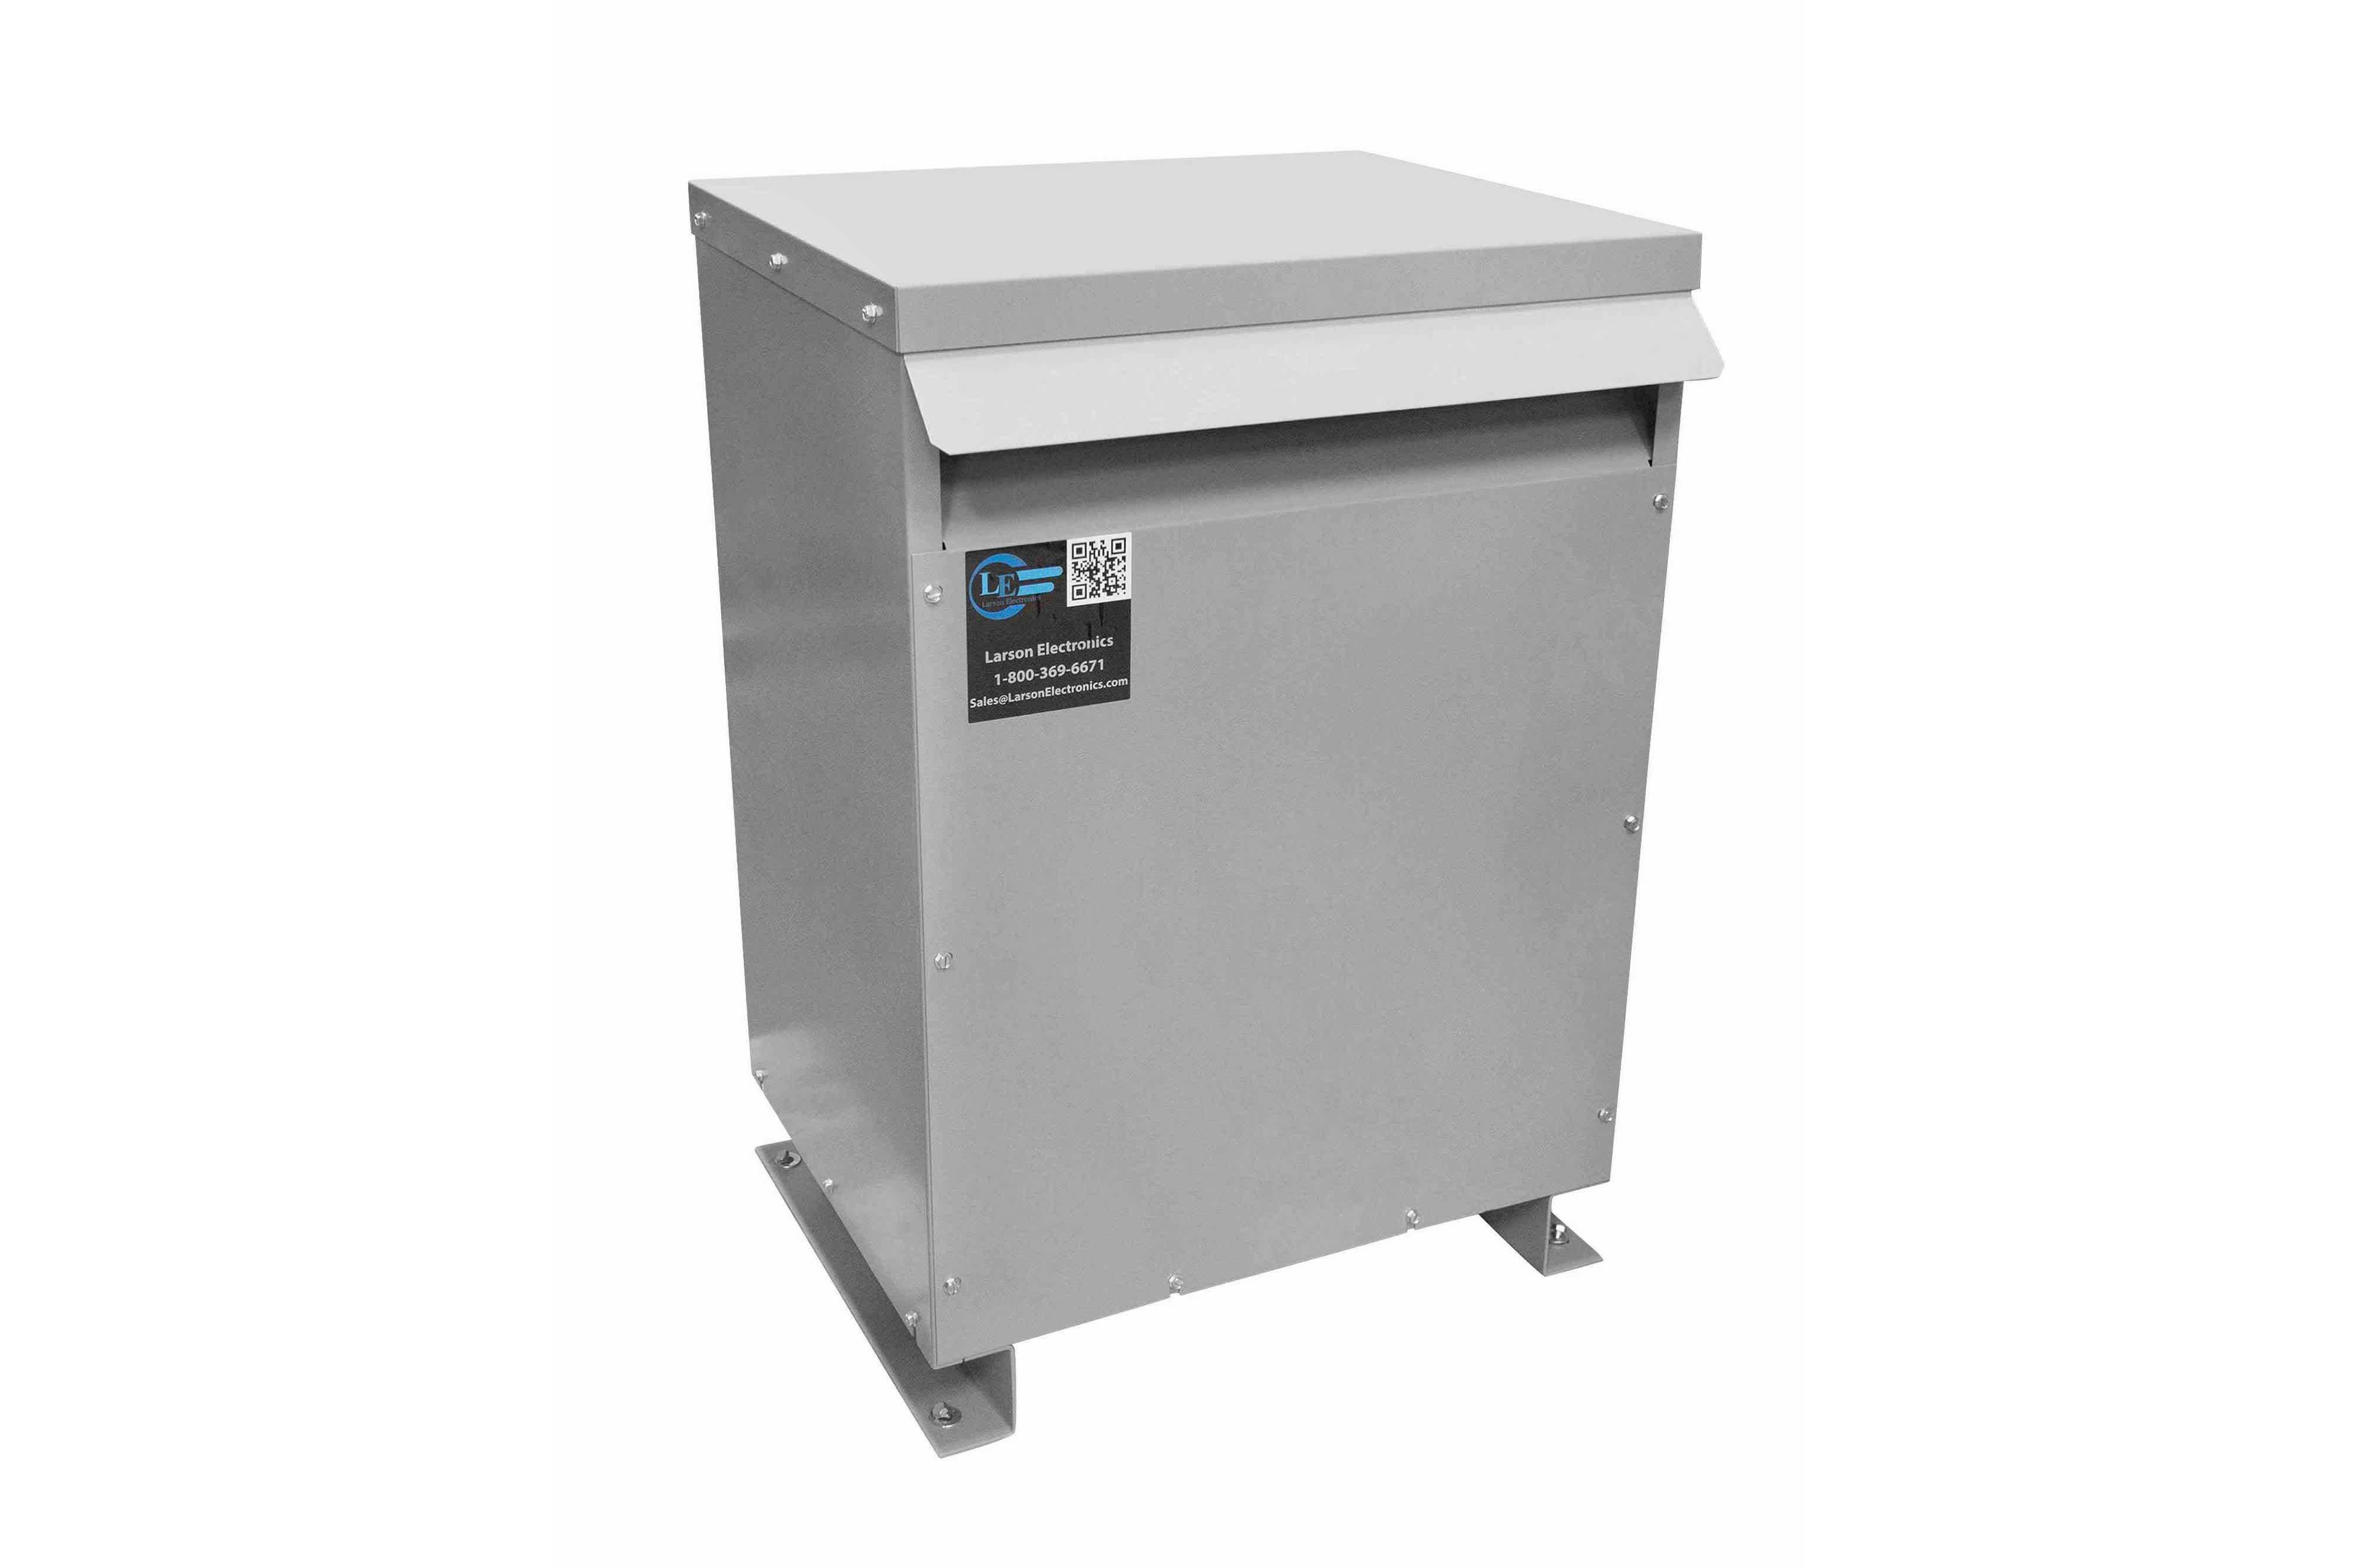 200 kVA 3PH Isolation Transformer, 240V Delta Primary, 480V Delta Secondary, N3R, Ventilated, 60 Hz